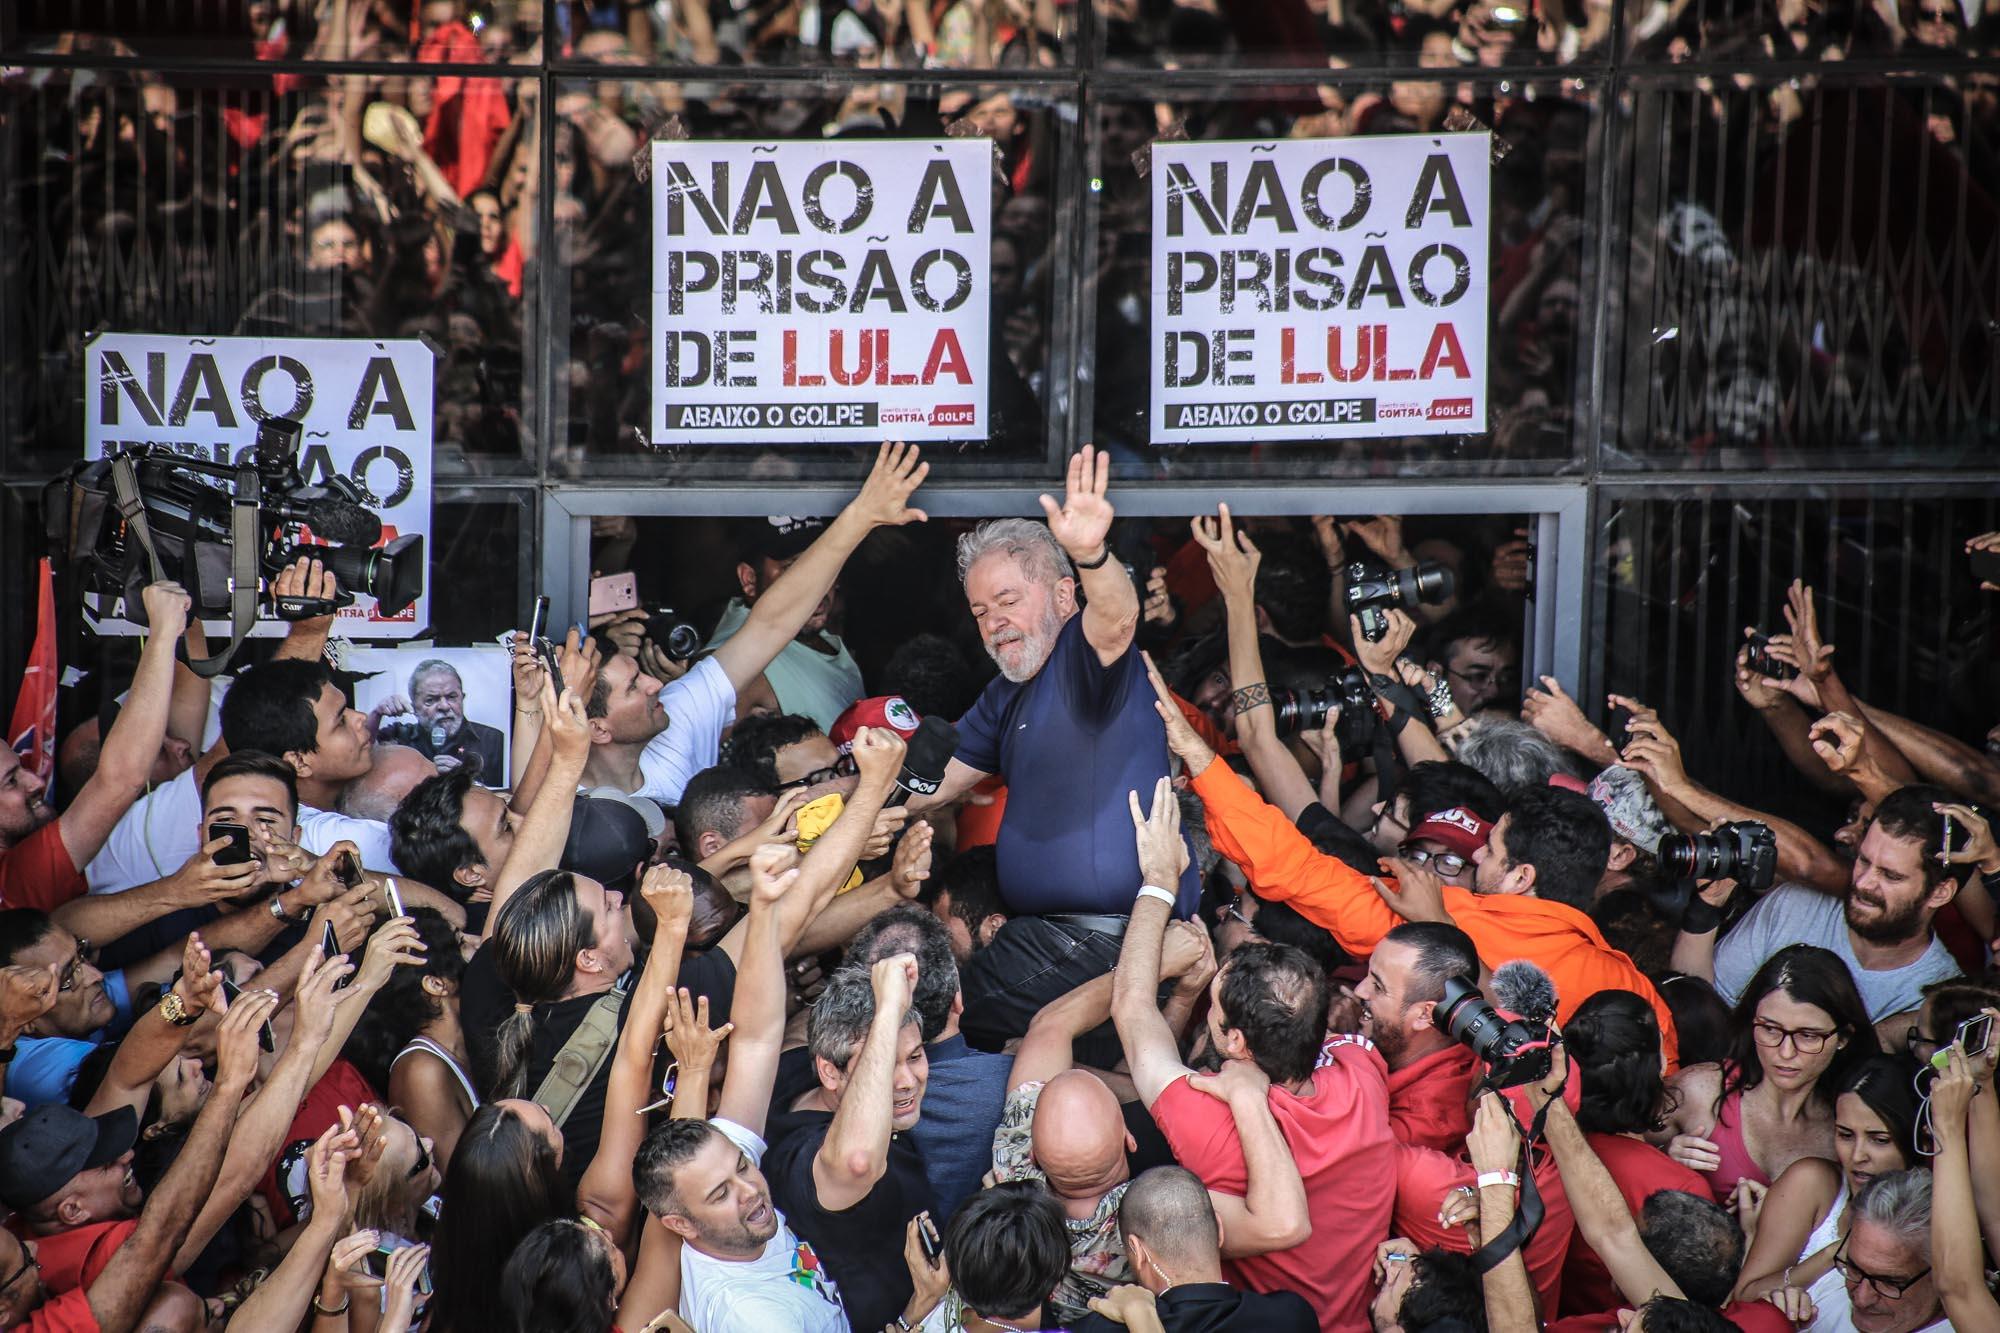 Prisão de Lula